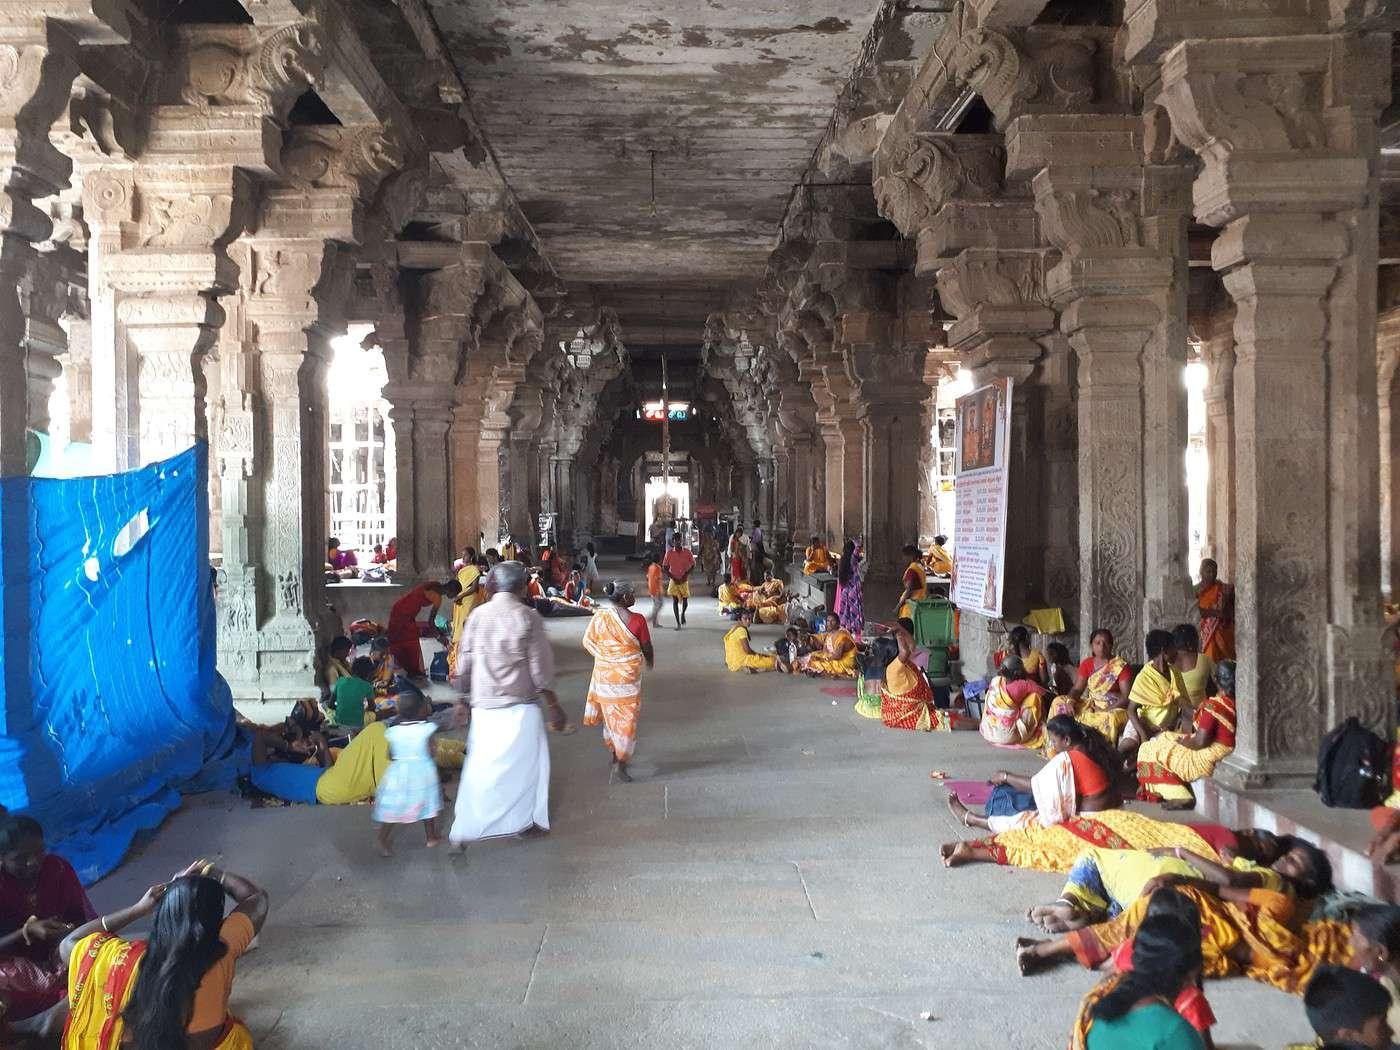 en ligne datant de Madurai Vitesse Meetup datation Portland